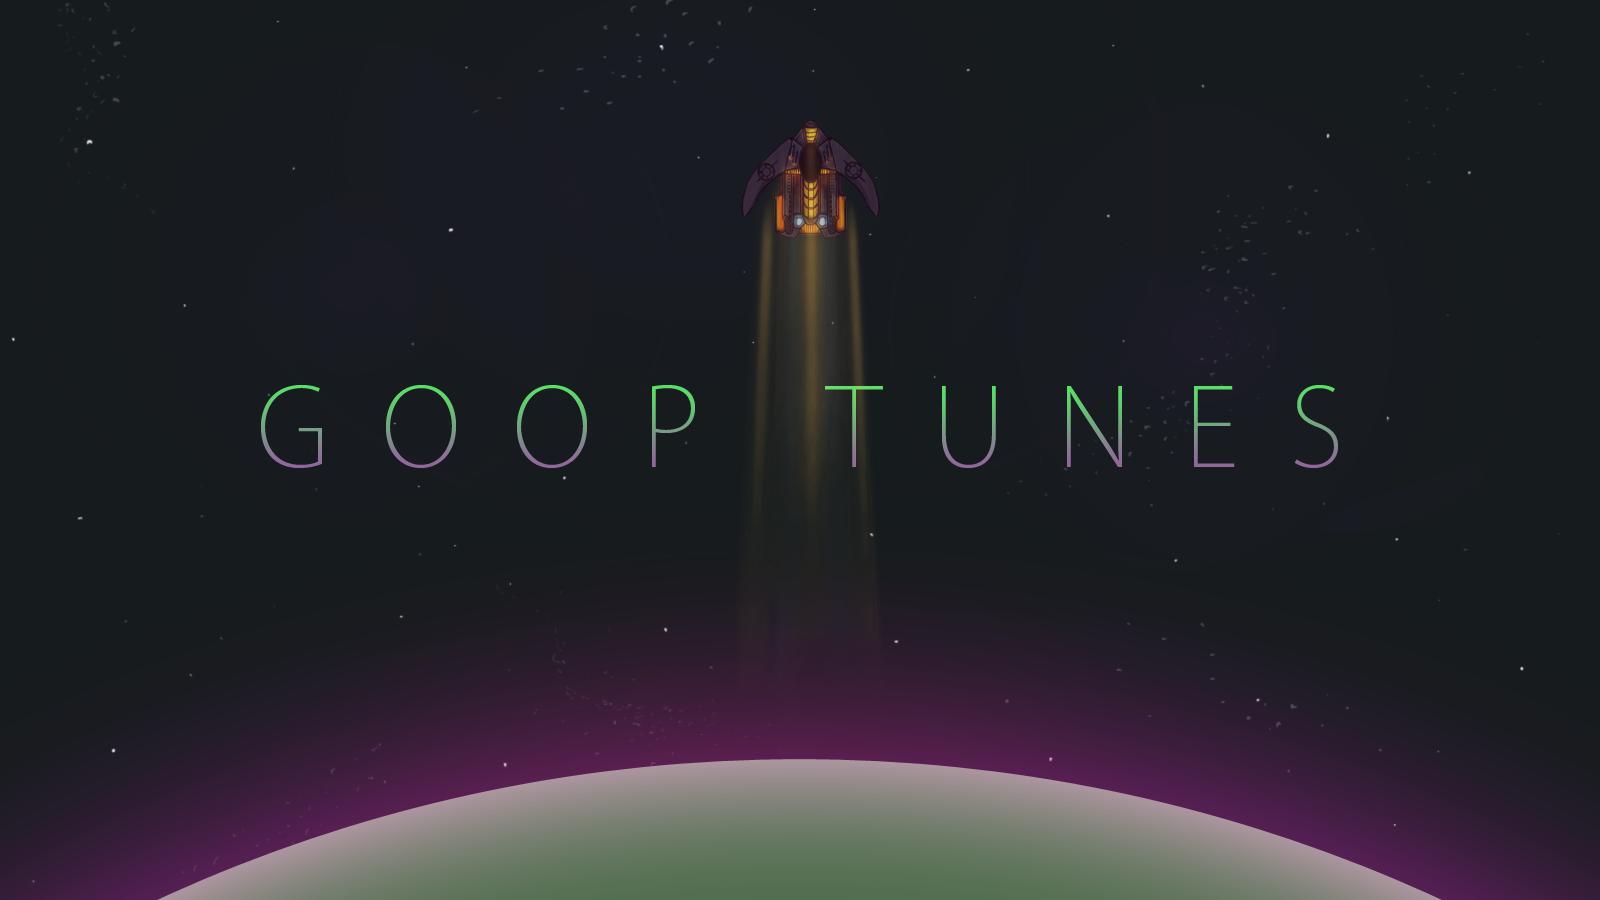 Goop Tunes